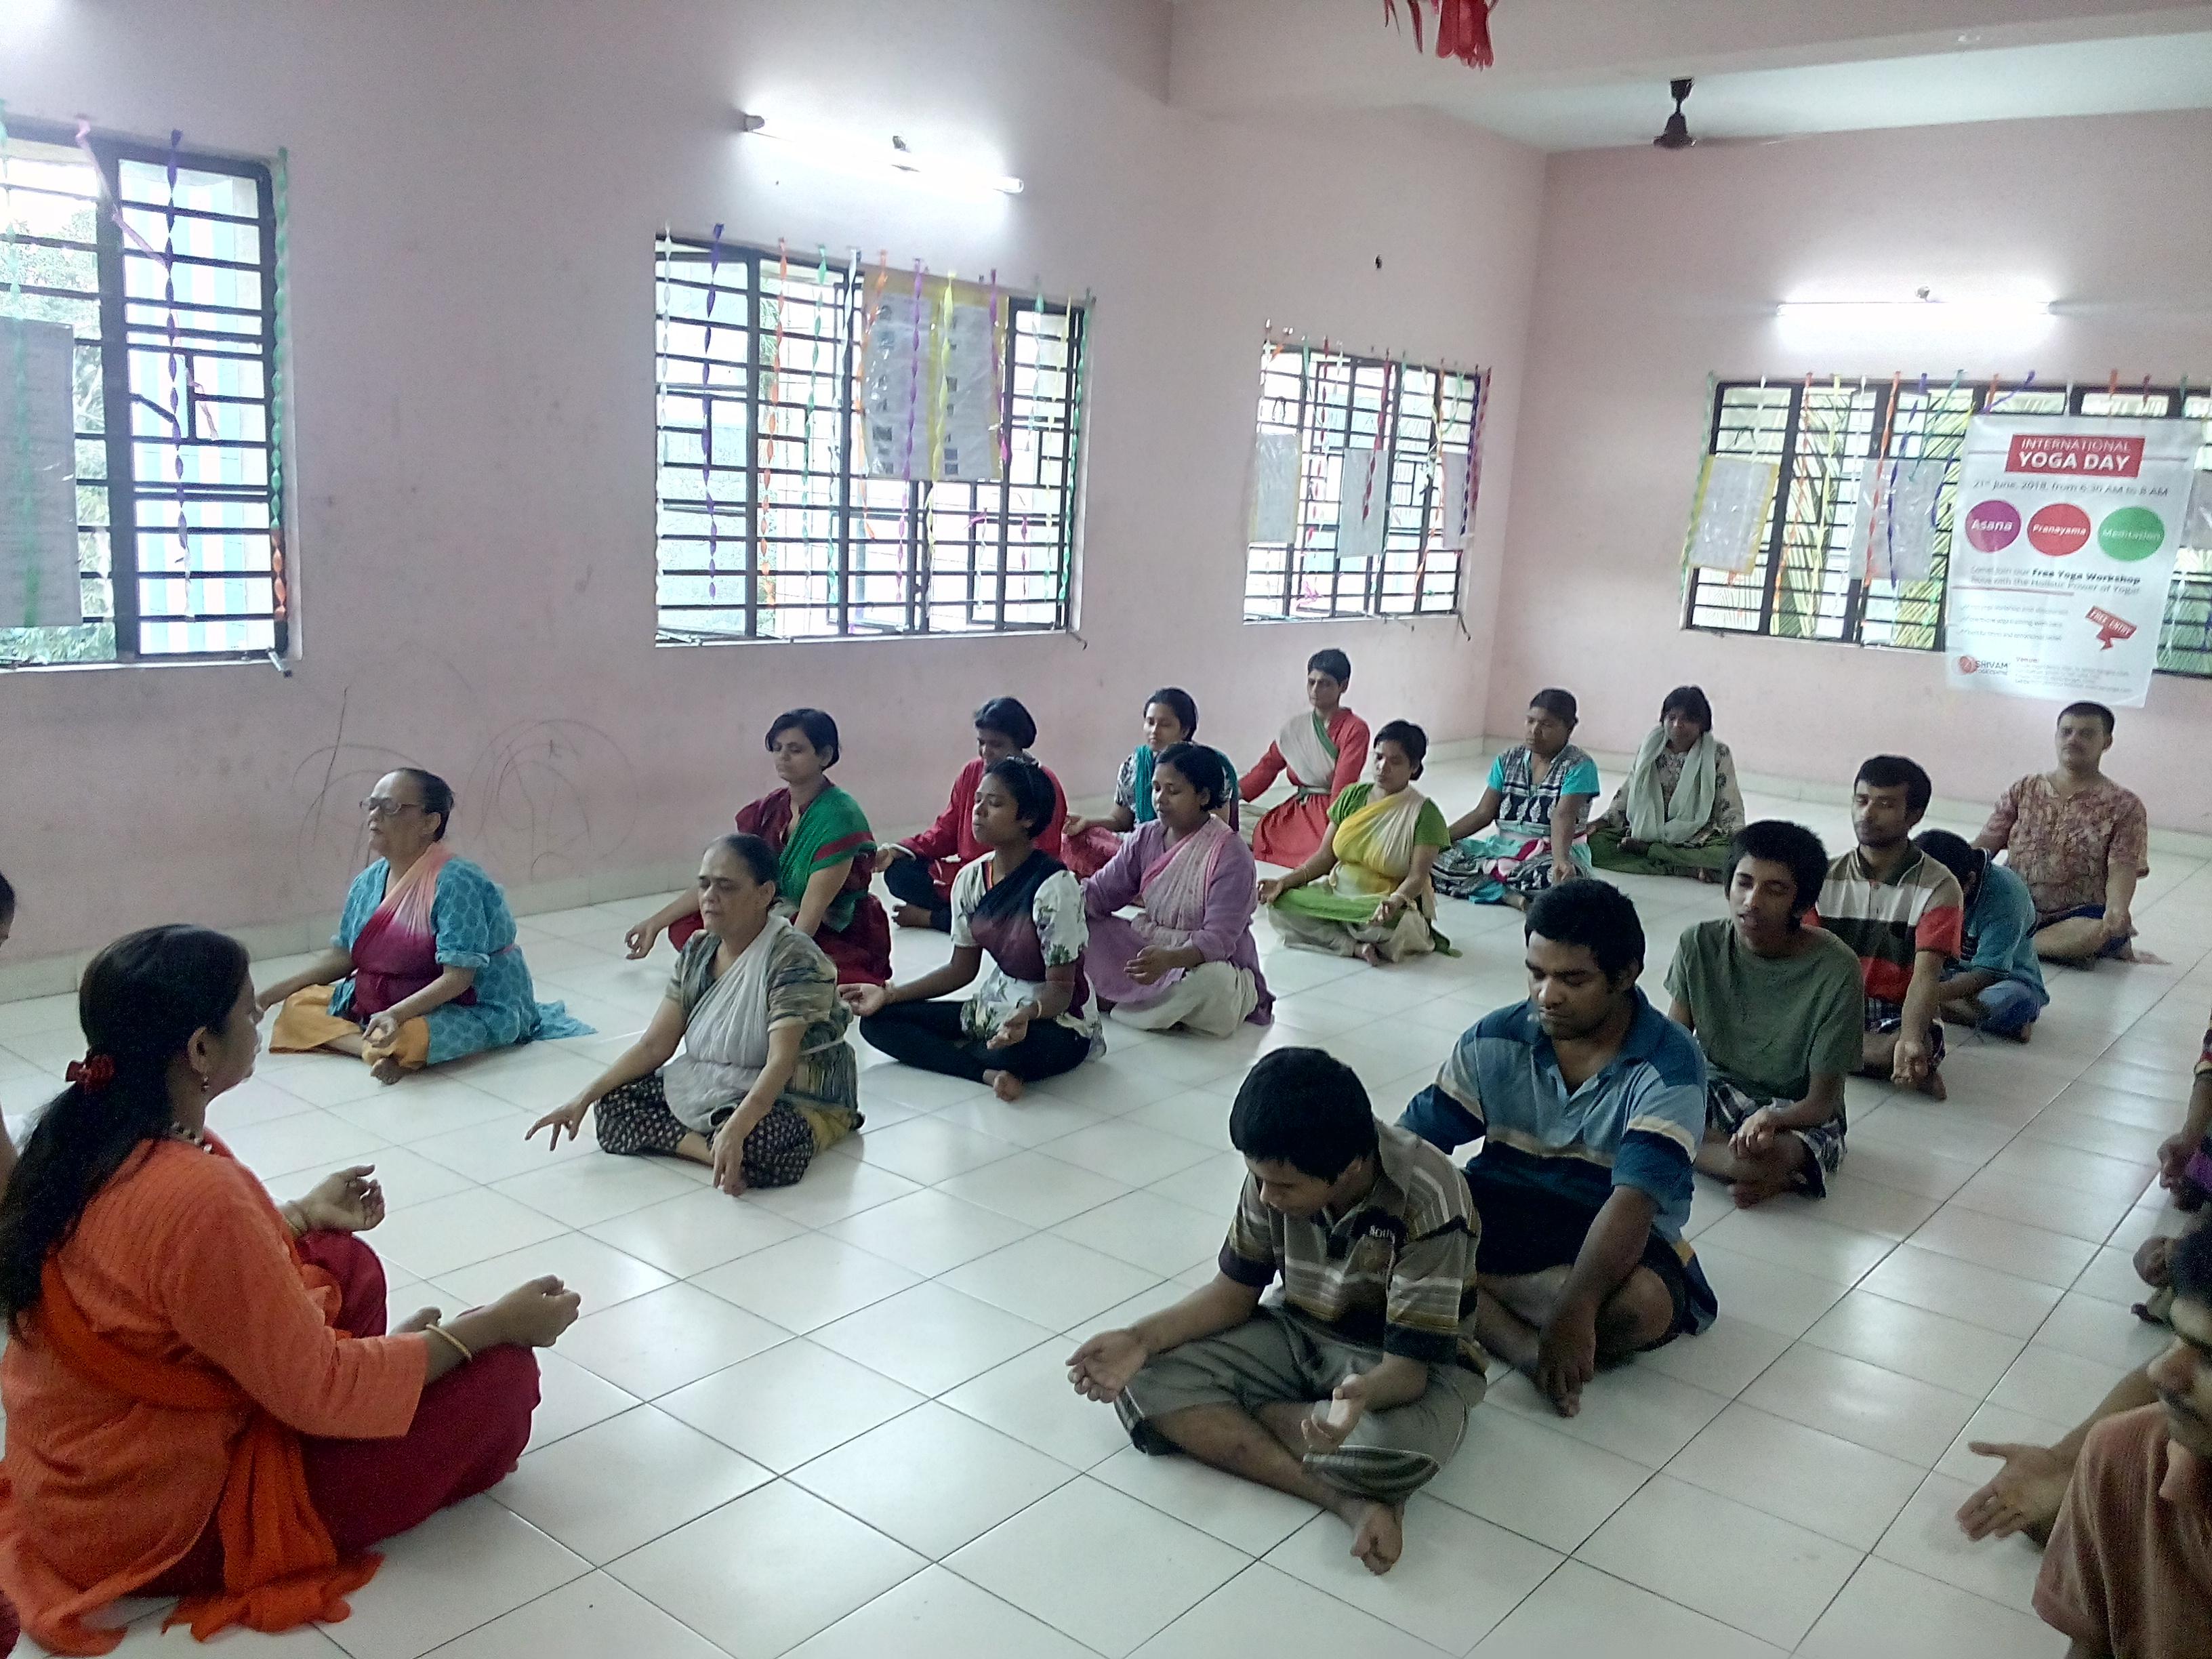 Celebration of World Yoga Day